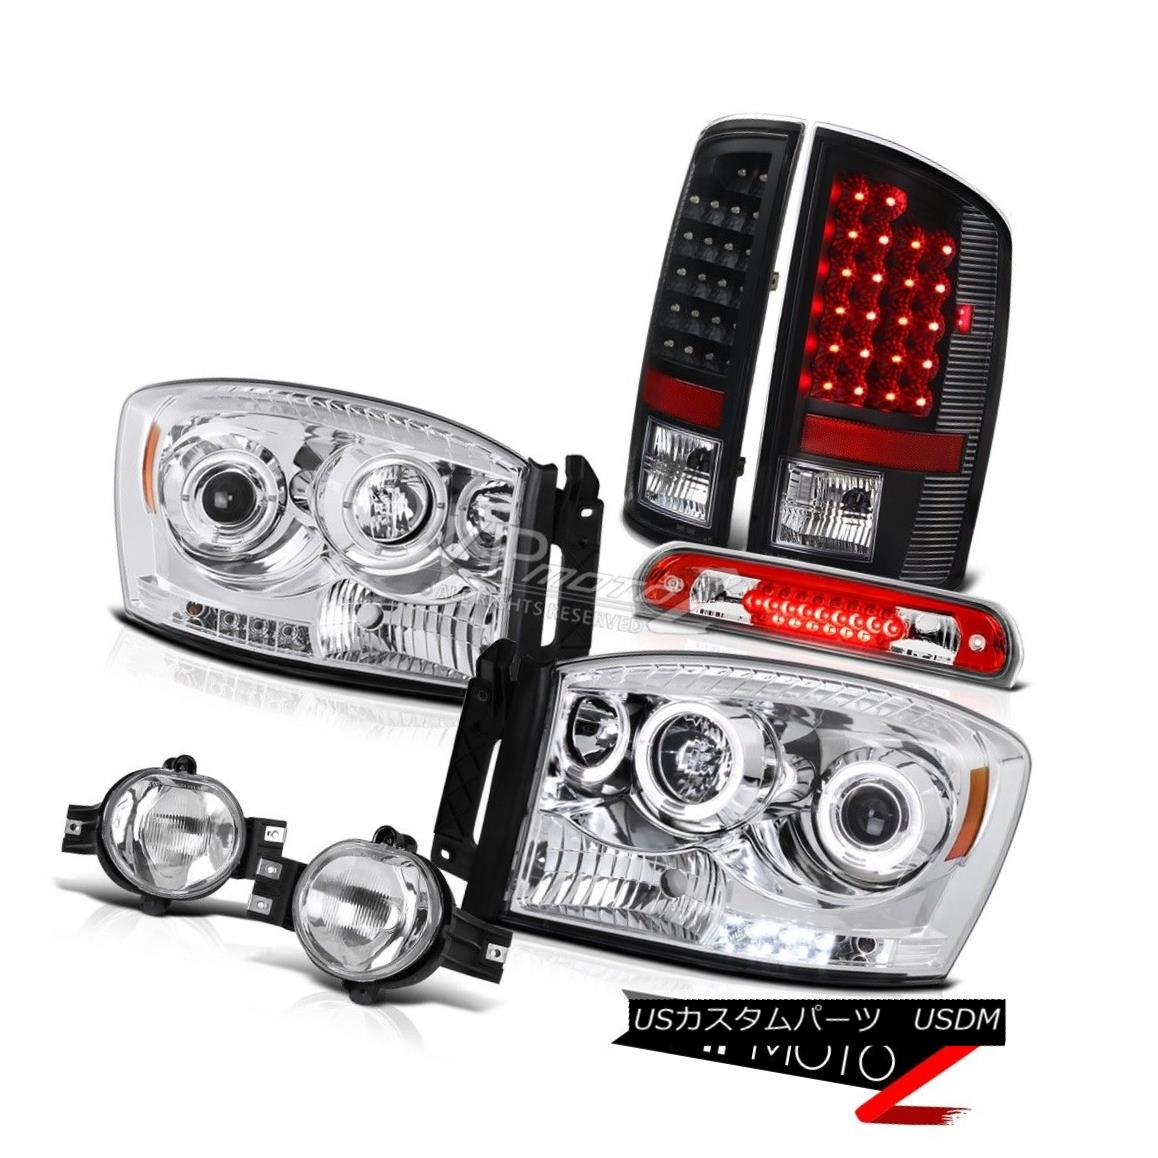 ヘッドライト 06 Dodge Ram SRT-10 LED DRL Headlamp Tail Lights Chrome Fog High Brake Cargo 06 Dodge Ram SRT-10 LED DRLヘッドライトテールライトクロムフォグハイブレーキキャロ